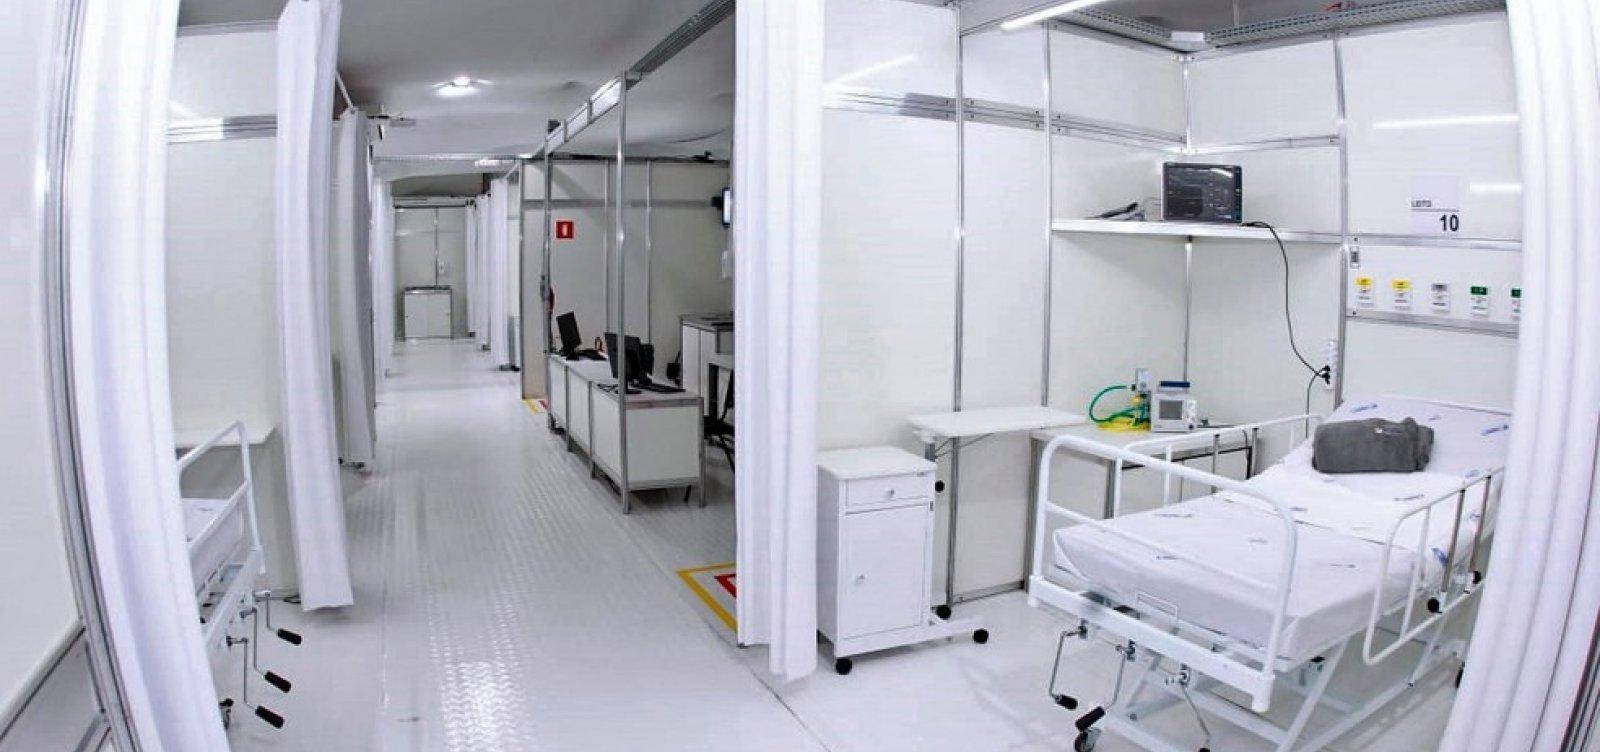 Bahia registra 31 óbitos e 4.113 novos casos de Covid-19 nas últimas 24h